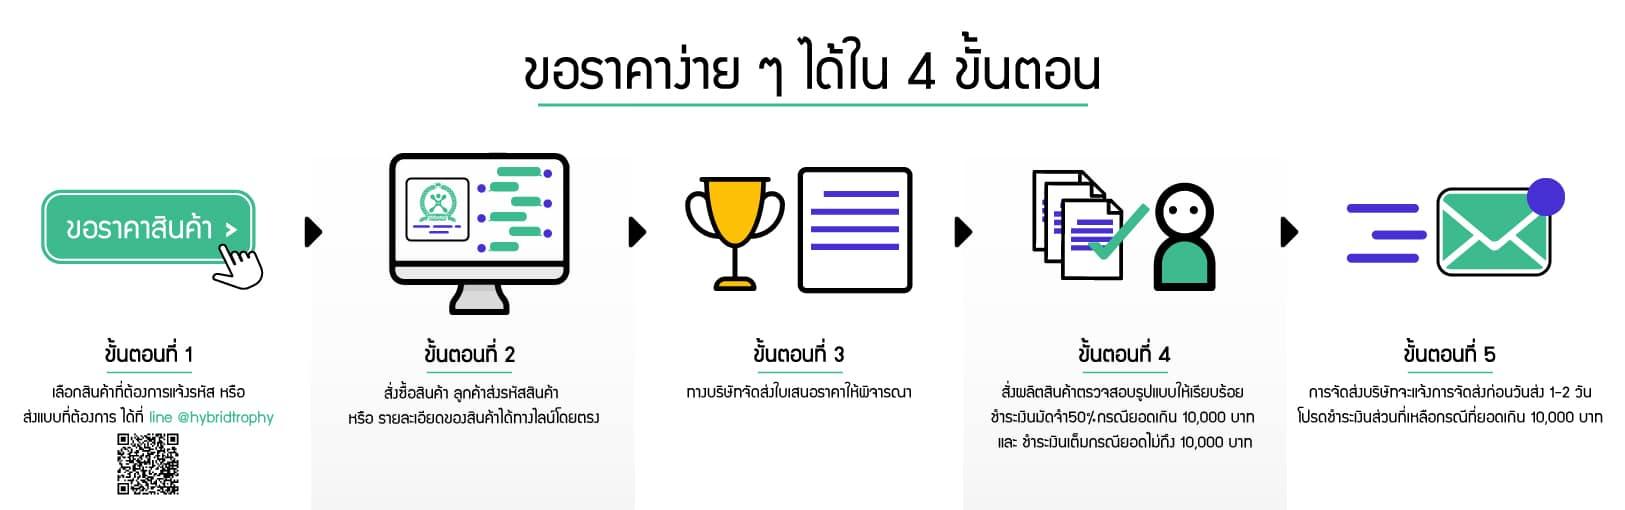 รับผลิตโล่รางวัล ถ้วยรางวัล ทุกชนิด สินค้าชั้นนำของประเทศไทย นำเข้าและจำหน่ายโล่รางวัล ถ้วยรางวัลมีให้เลือกหลากหลายชนิด หลากหลายรูปแบบ